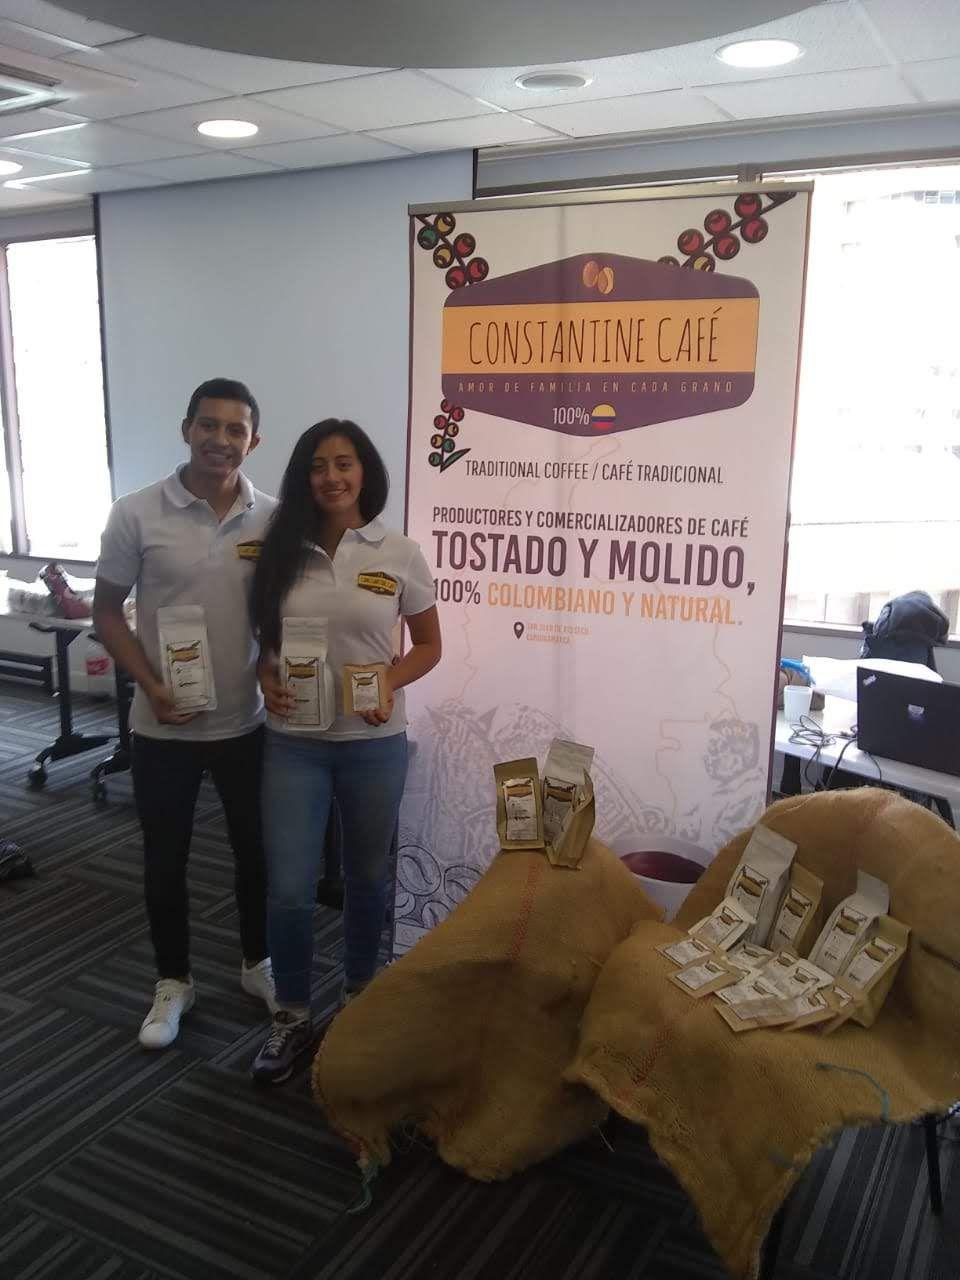 Santiago Moreno y Nicol Moreno en su primera feria exhibiendo Constantine Café.